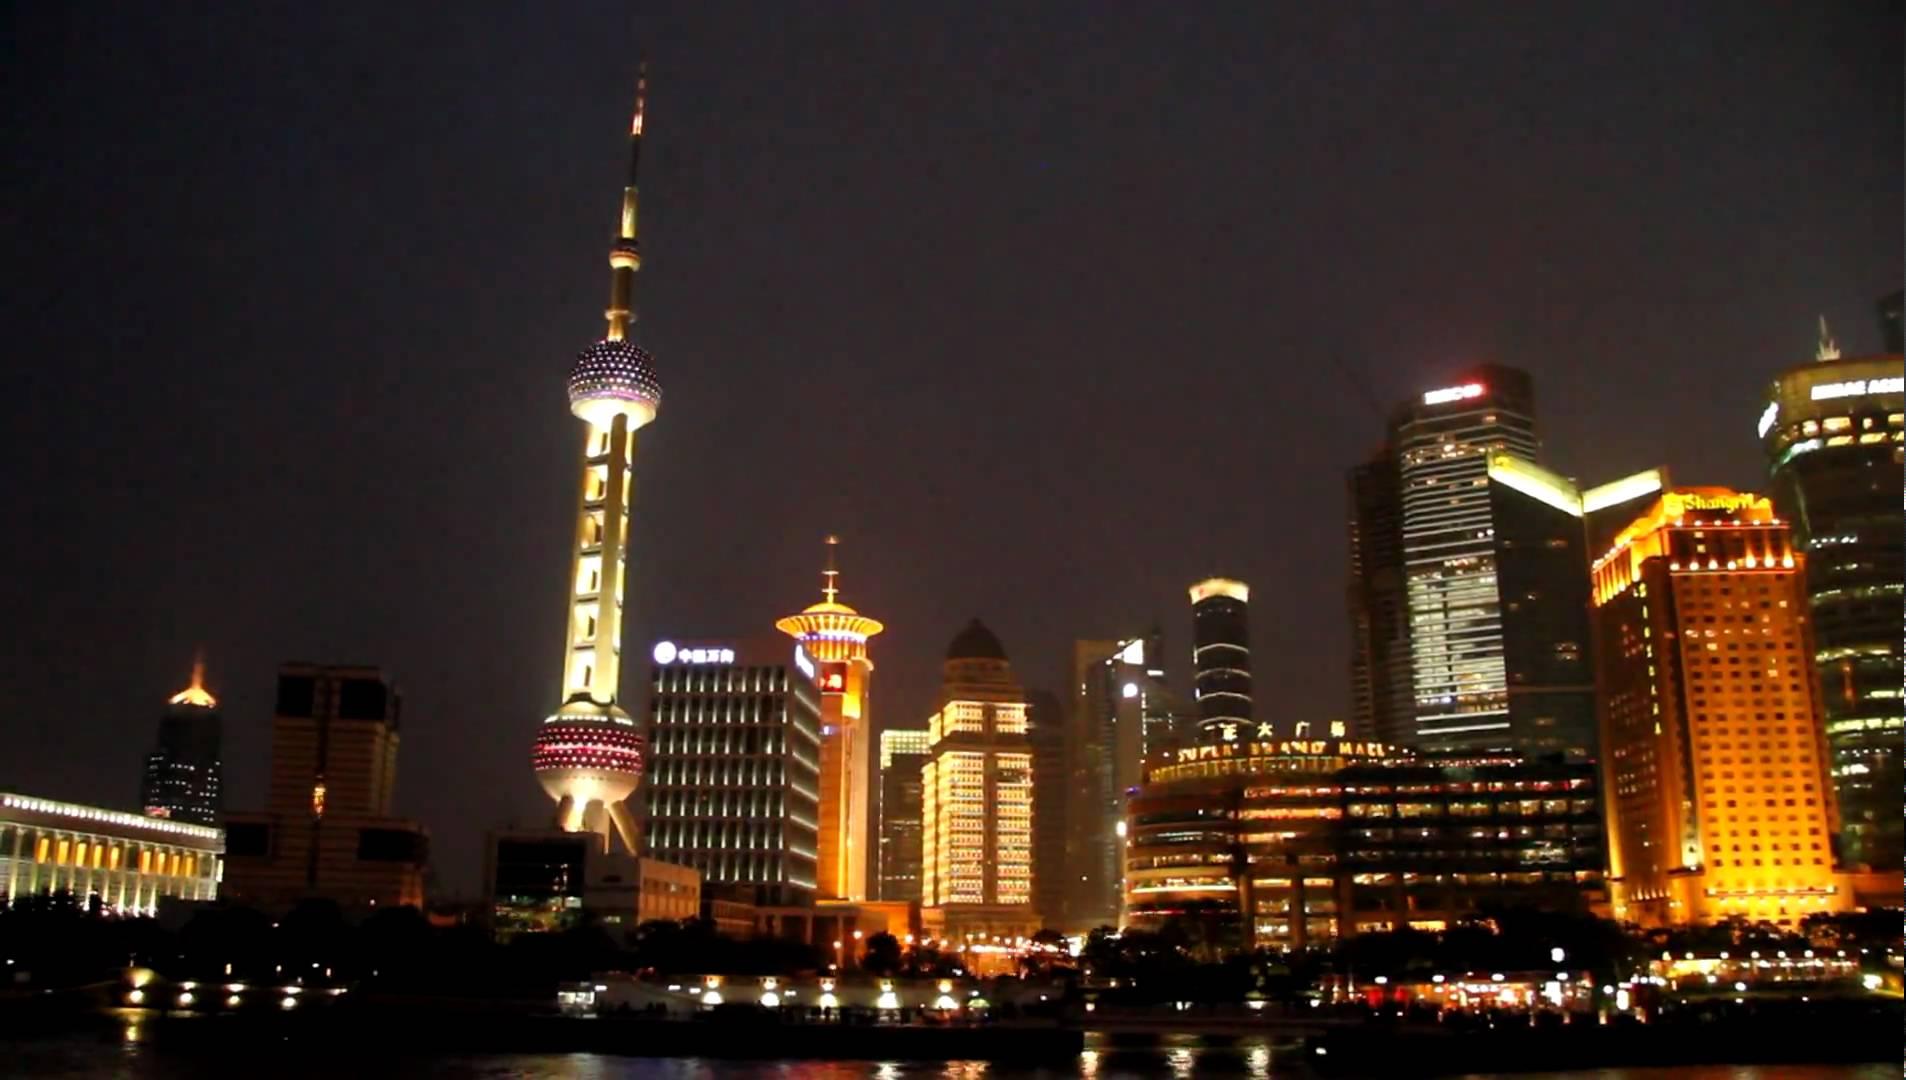 東方明珠塔は上海のシンボル!どの展望台からも360度の眺めが楽しめる!